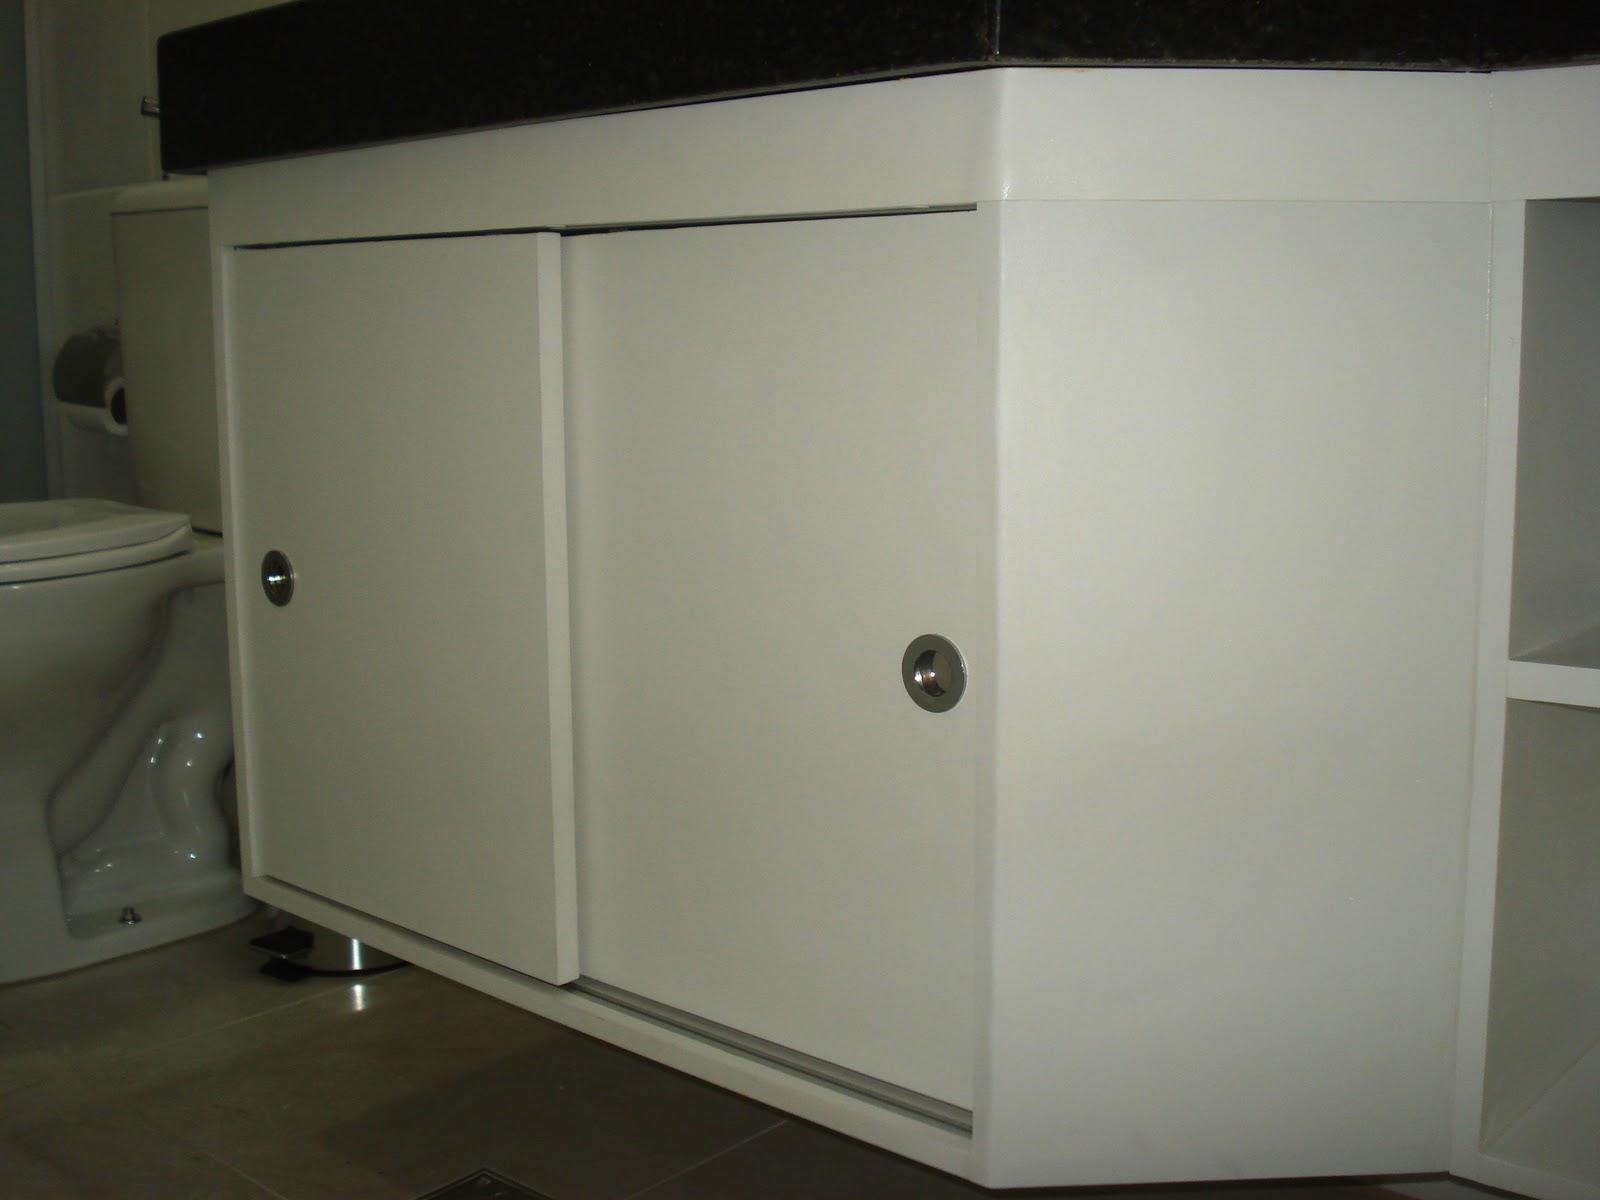 Planejados: Armário de Banheiro Branco com Portas de Correr #2B2A21 1600x1200 Armario Banheiro Branco